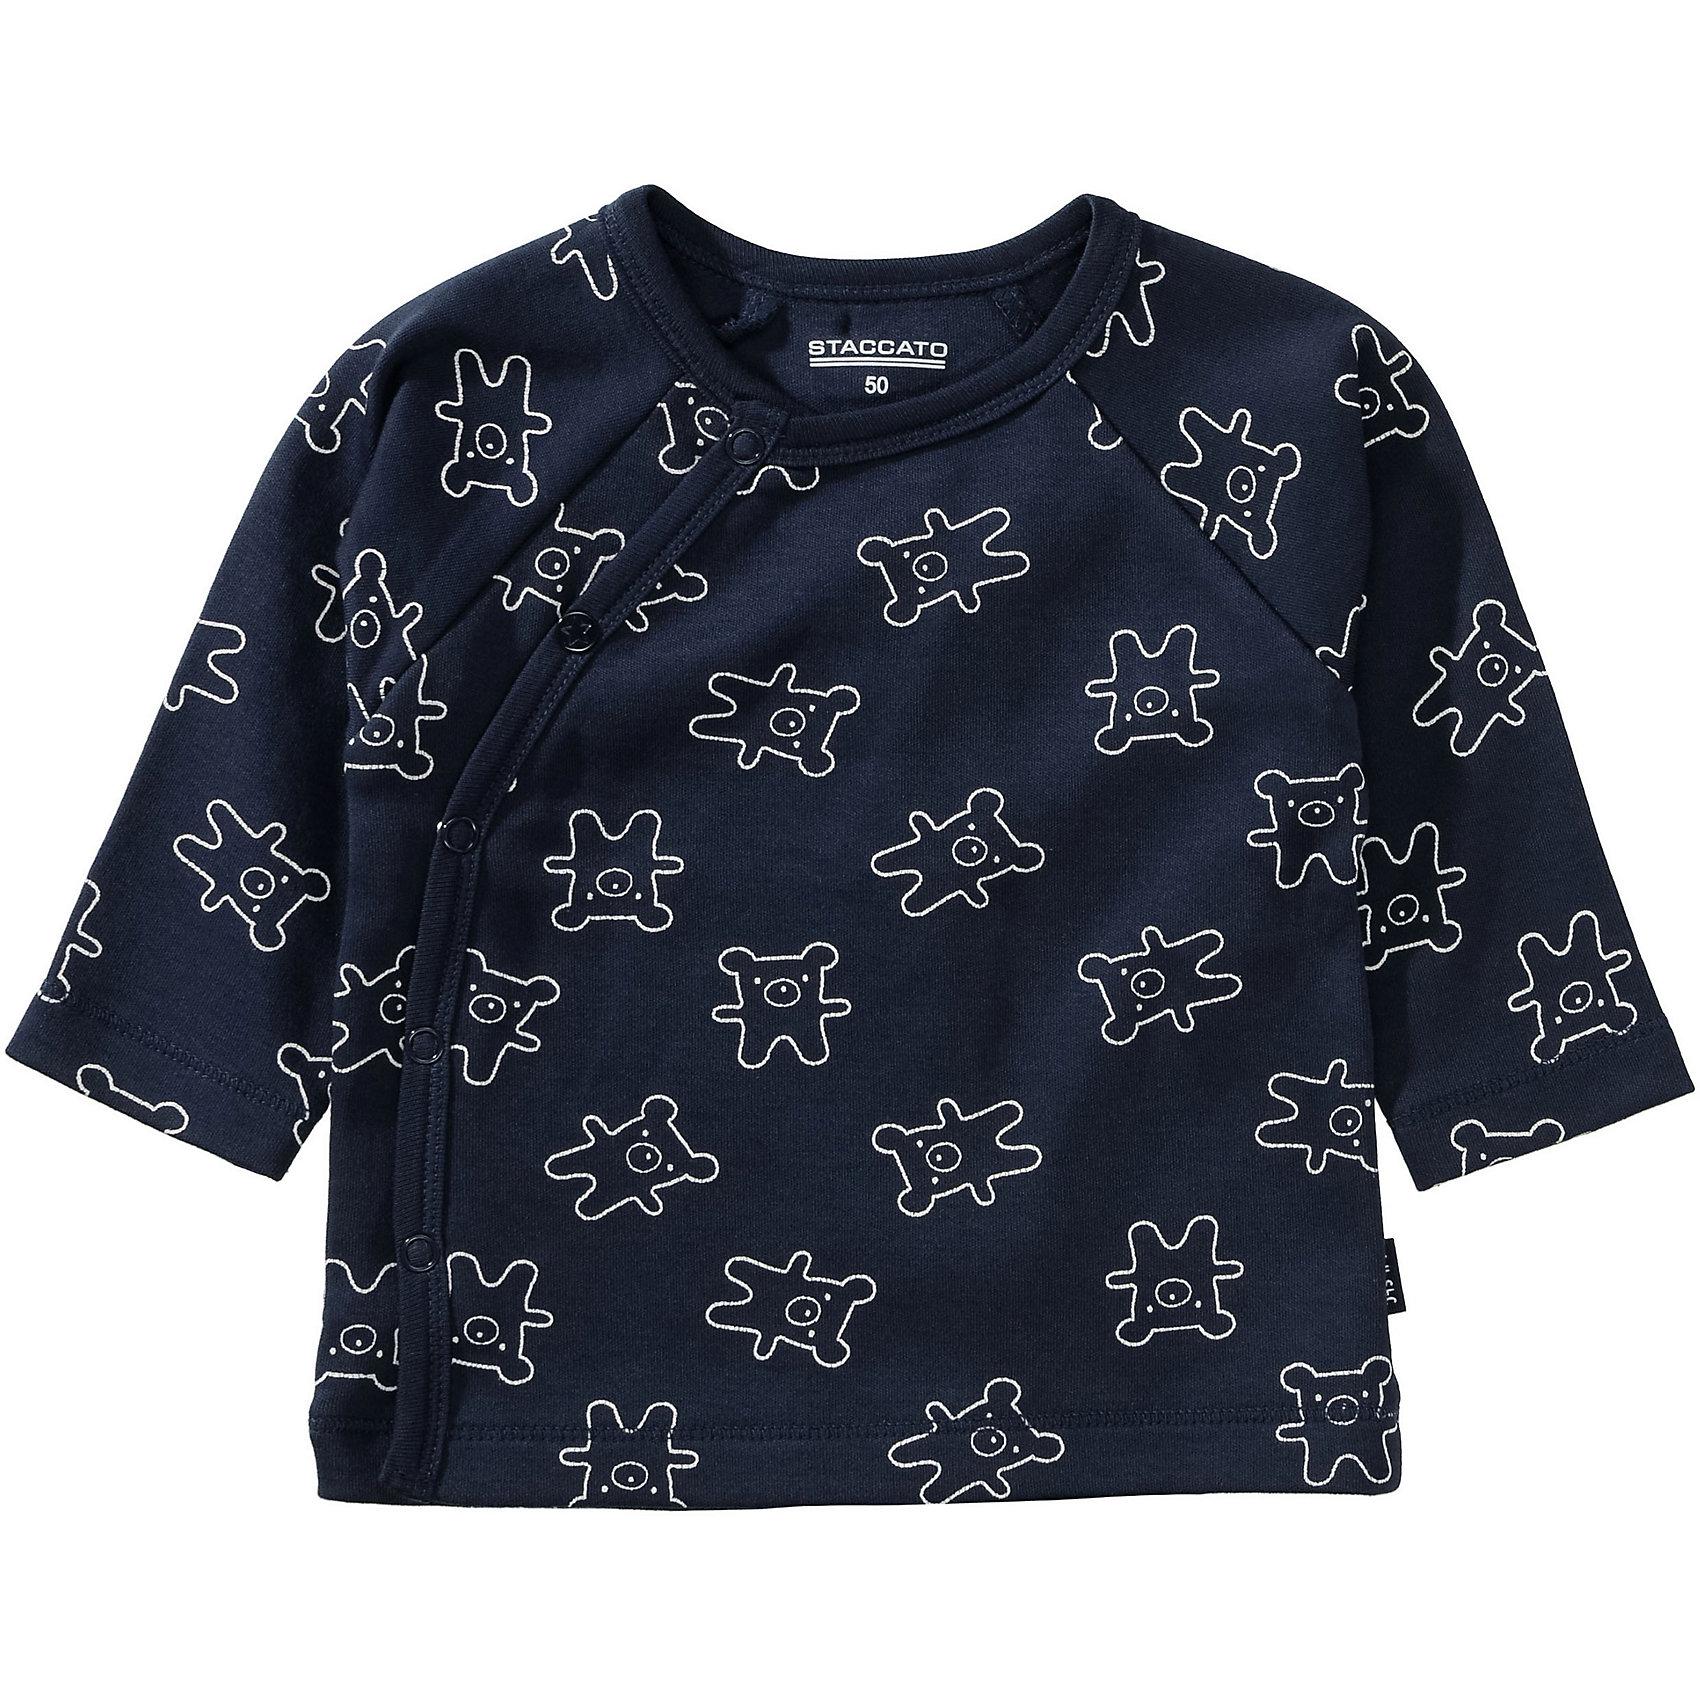 Organic Cotton 8025049 für Jungen Neu STACCATO Baby Wickelshirt für Jungen